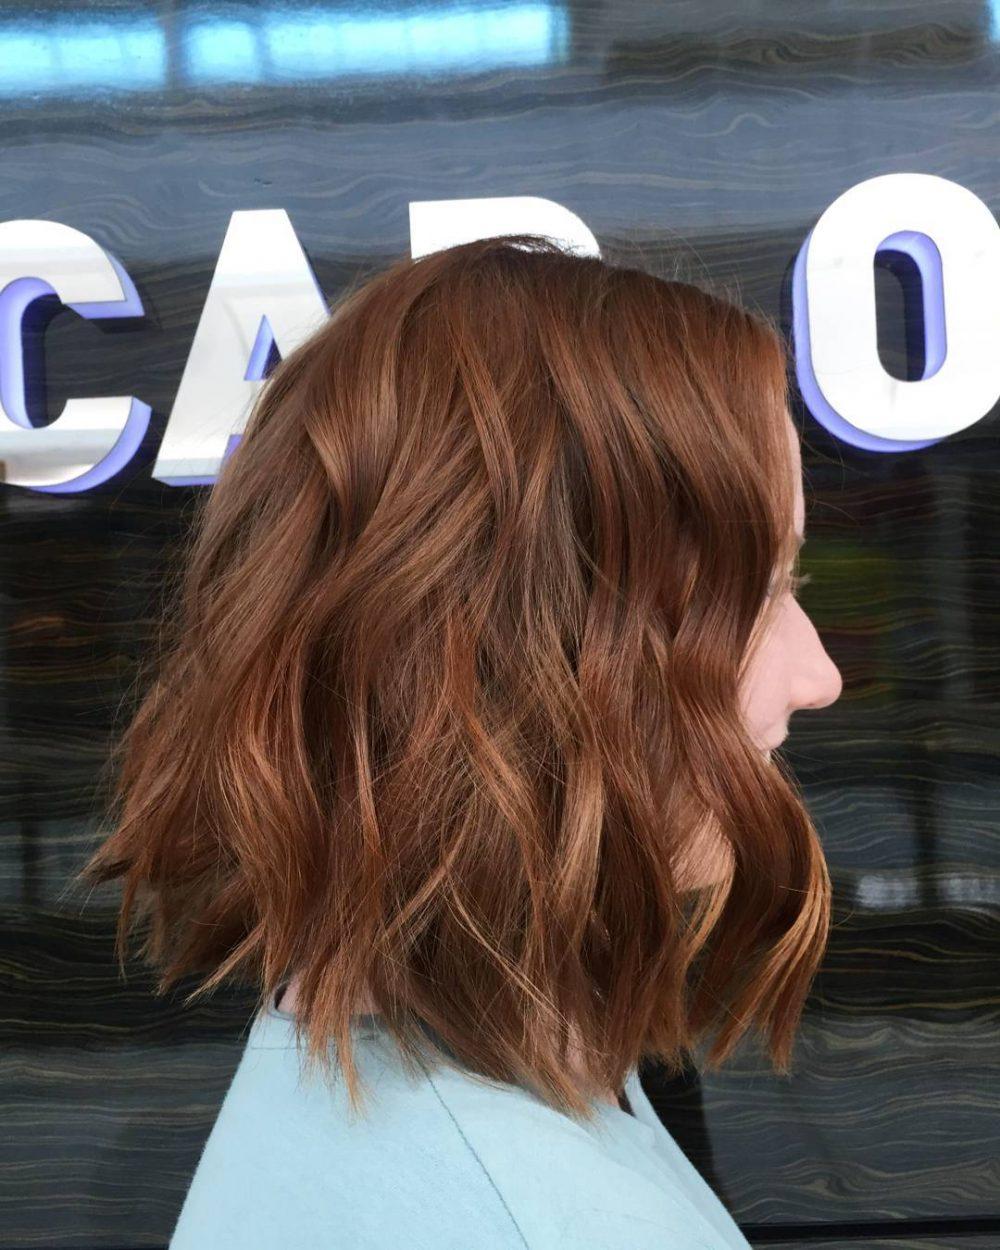 Fun and Modern Lob hairstyle